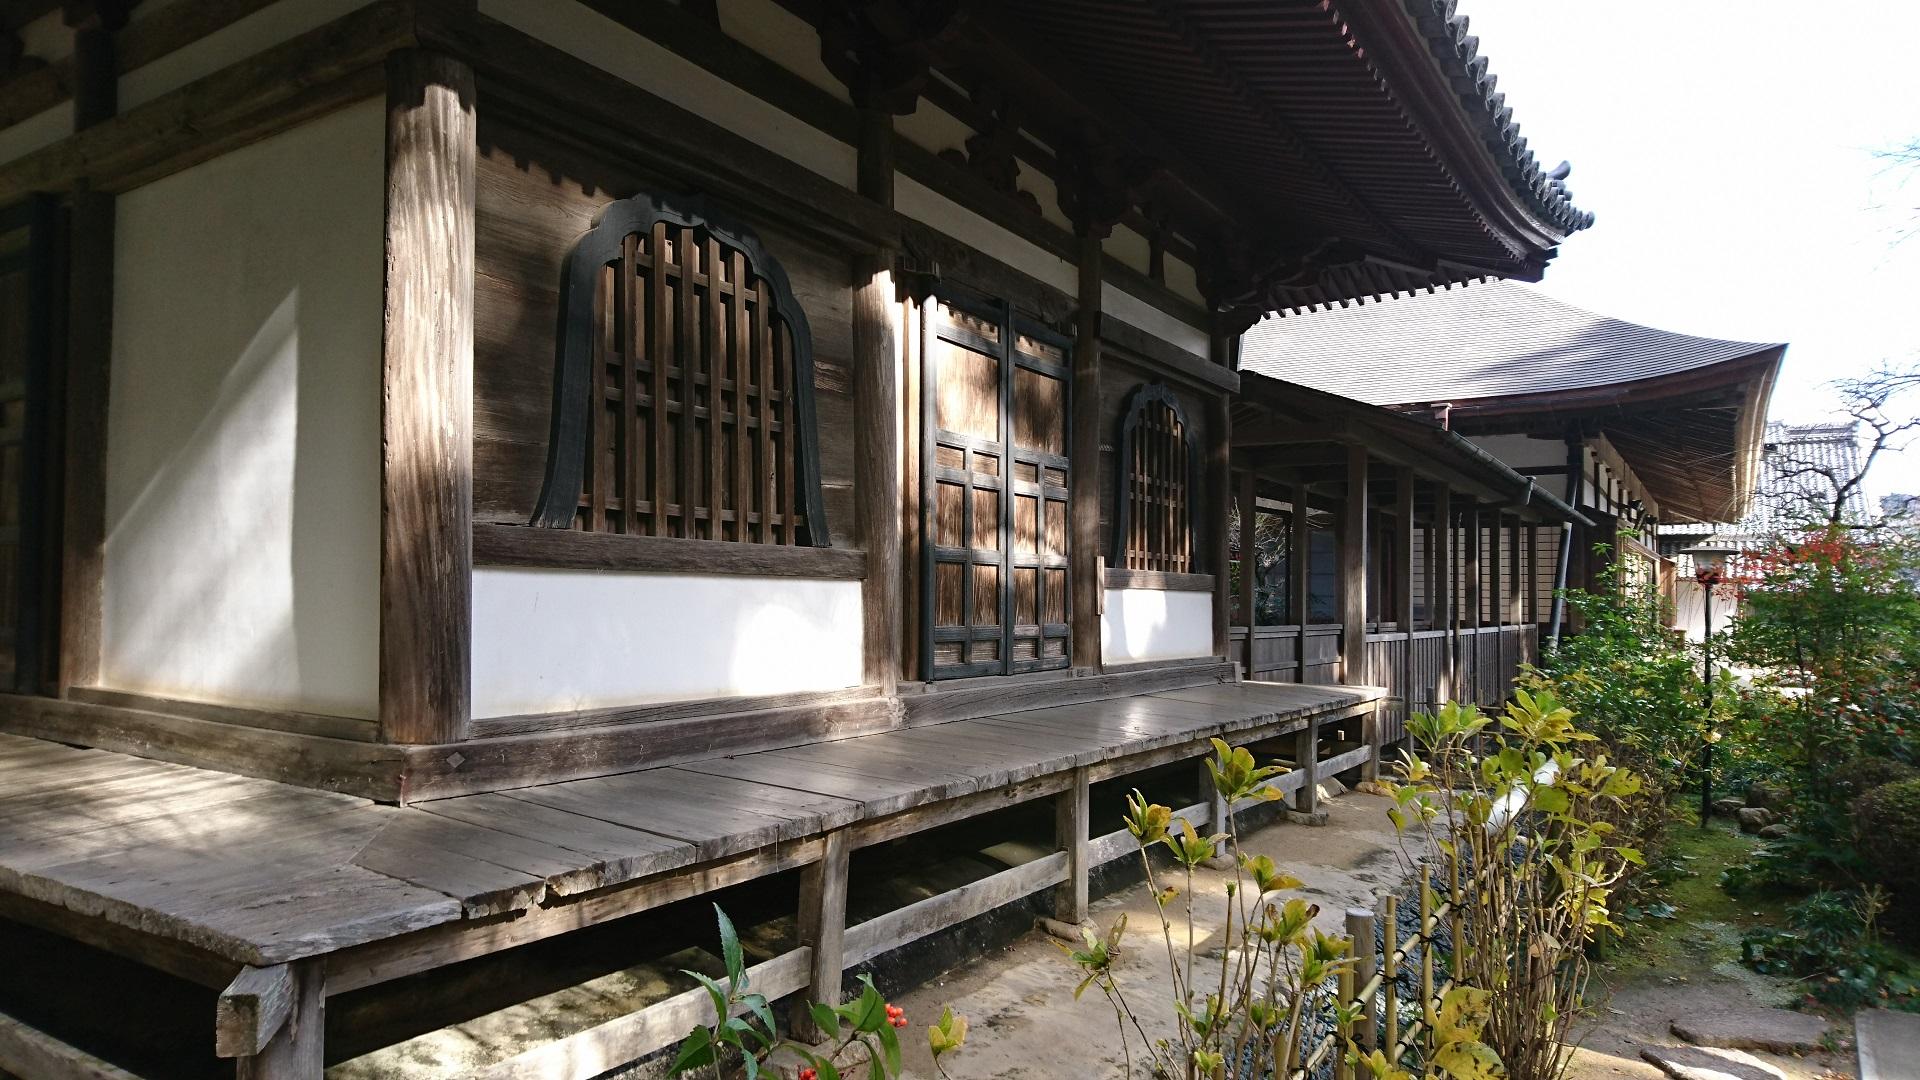 2016.12.23 竜潭寺 (3) 稲荷堂